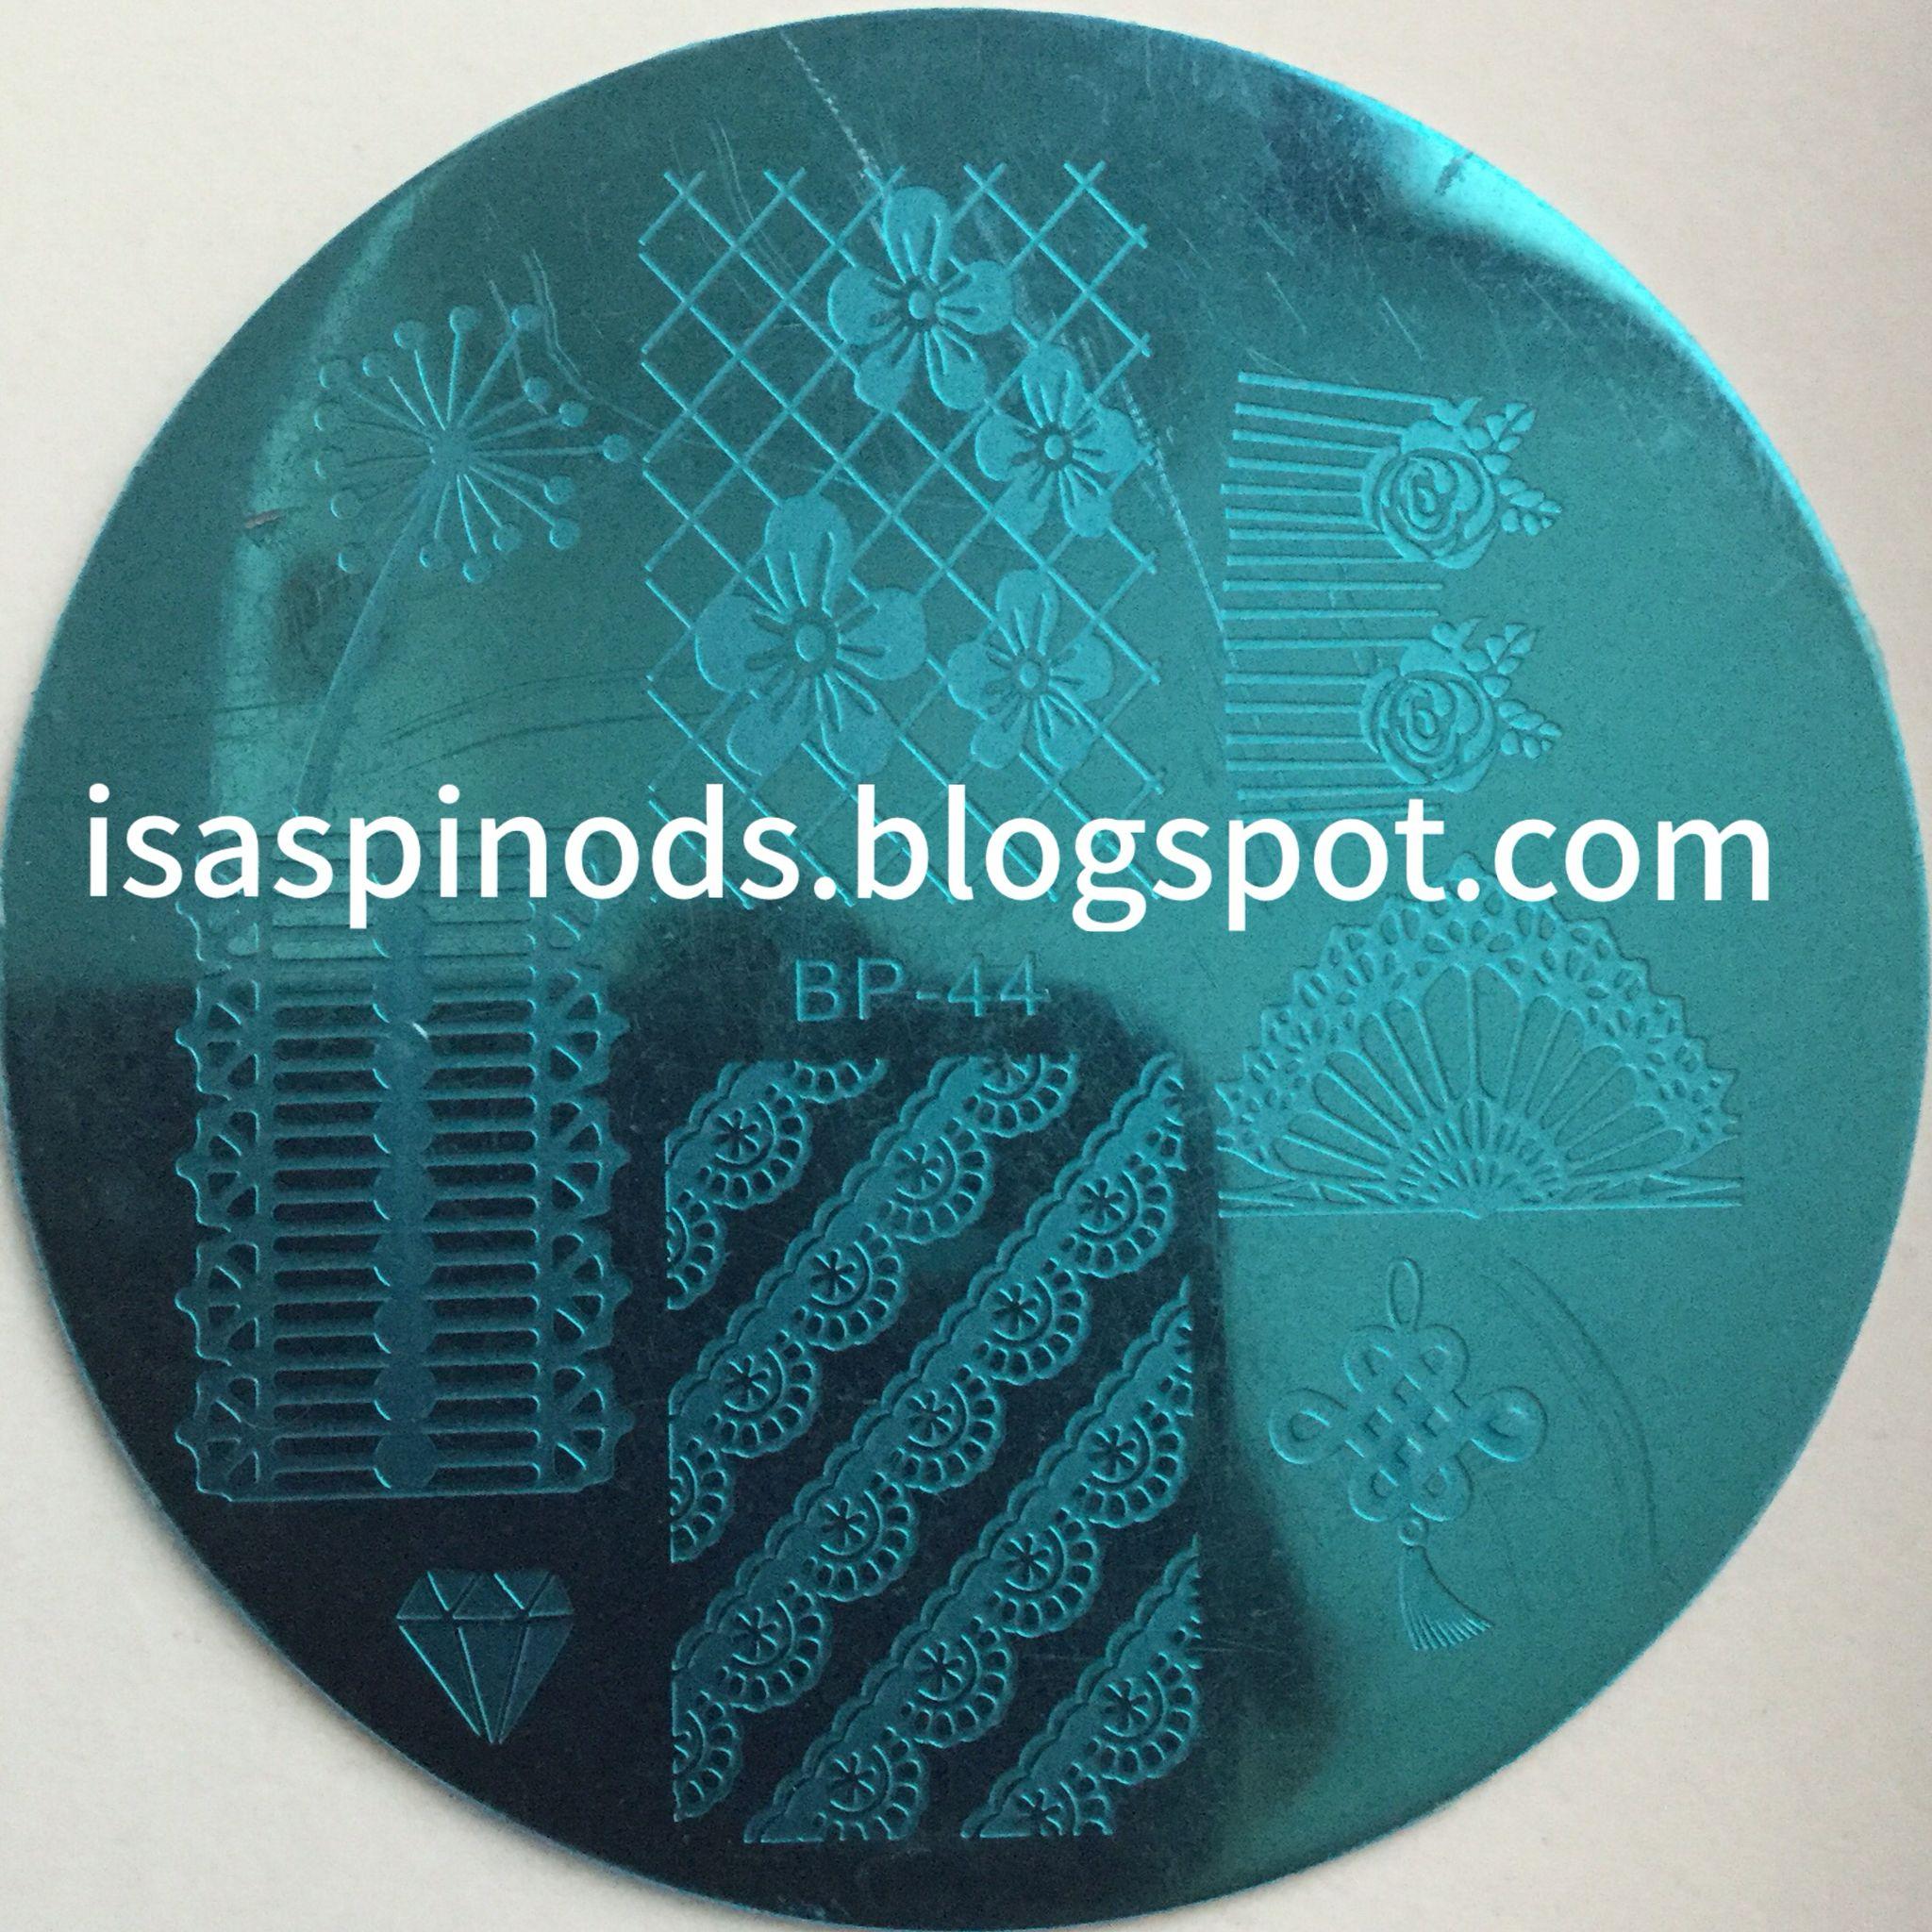 Placa BP-44 de la web http://www.bornprettystore.com/